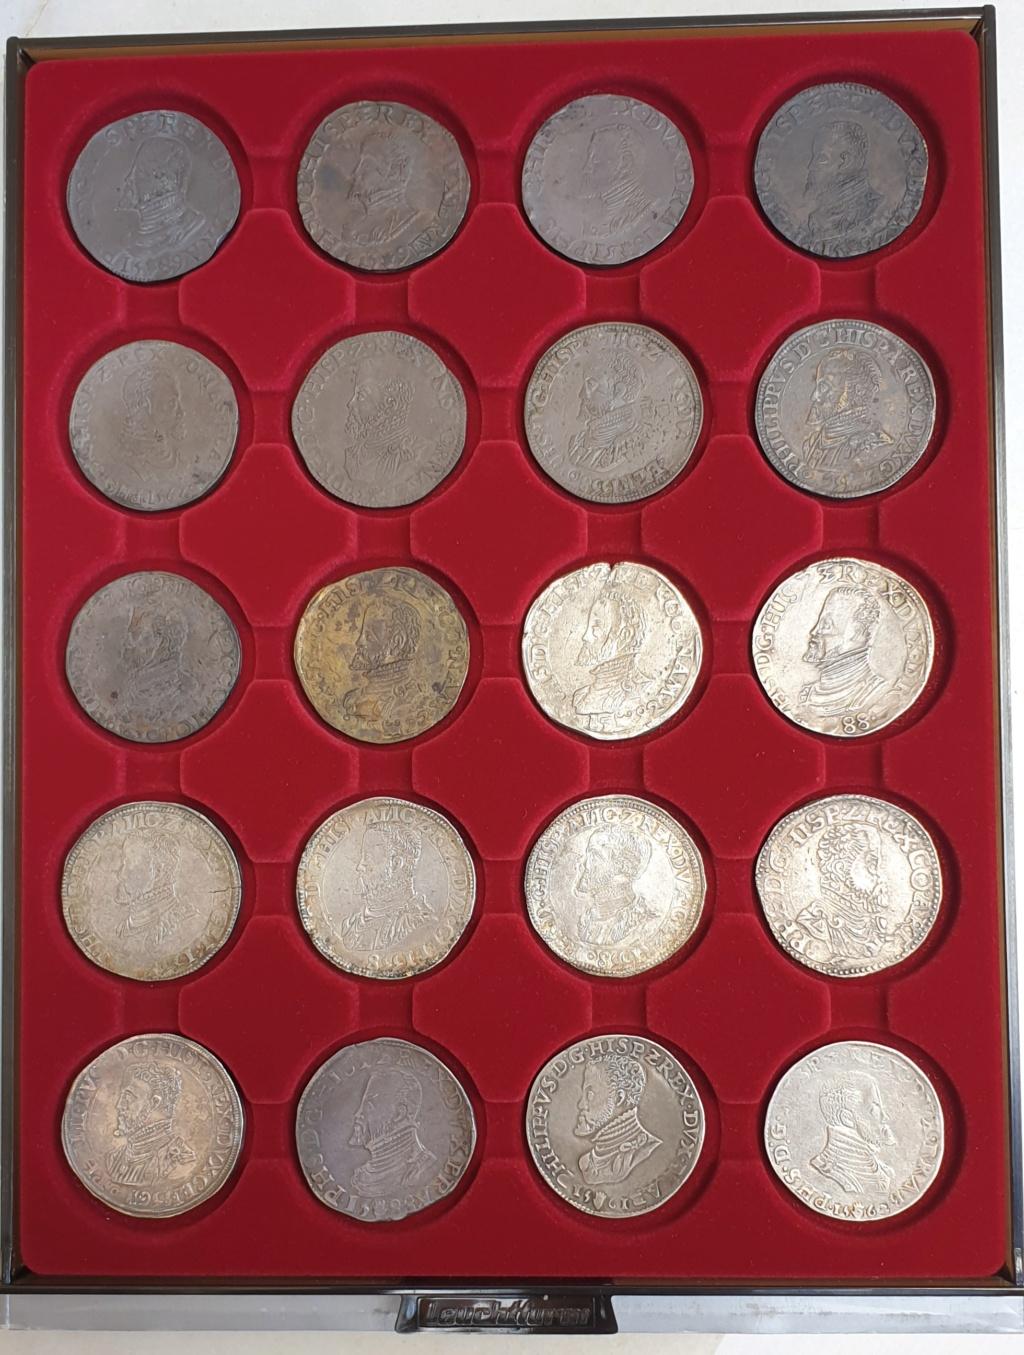 Escudo Felipe II. Países Bajos Españoles. Ducado de Güeldres. Nimega. 1561. 20200810